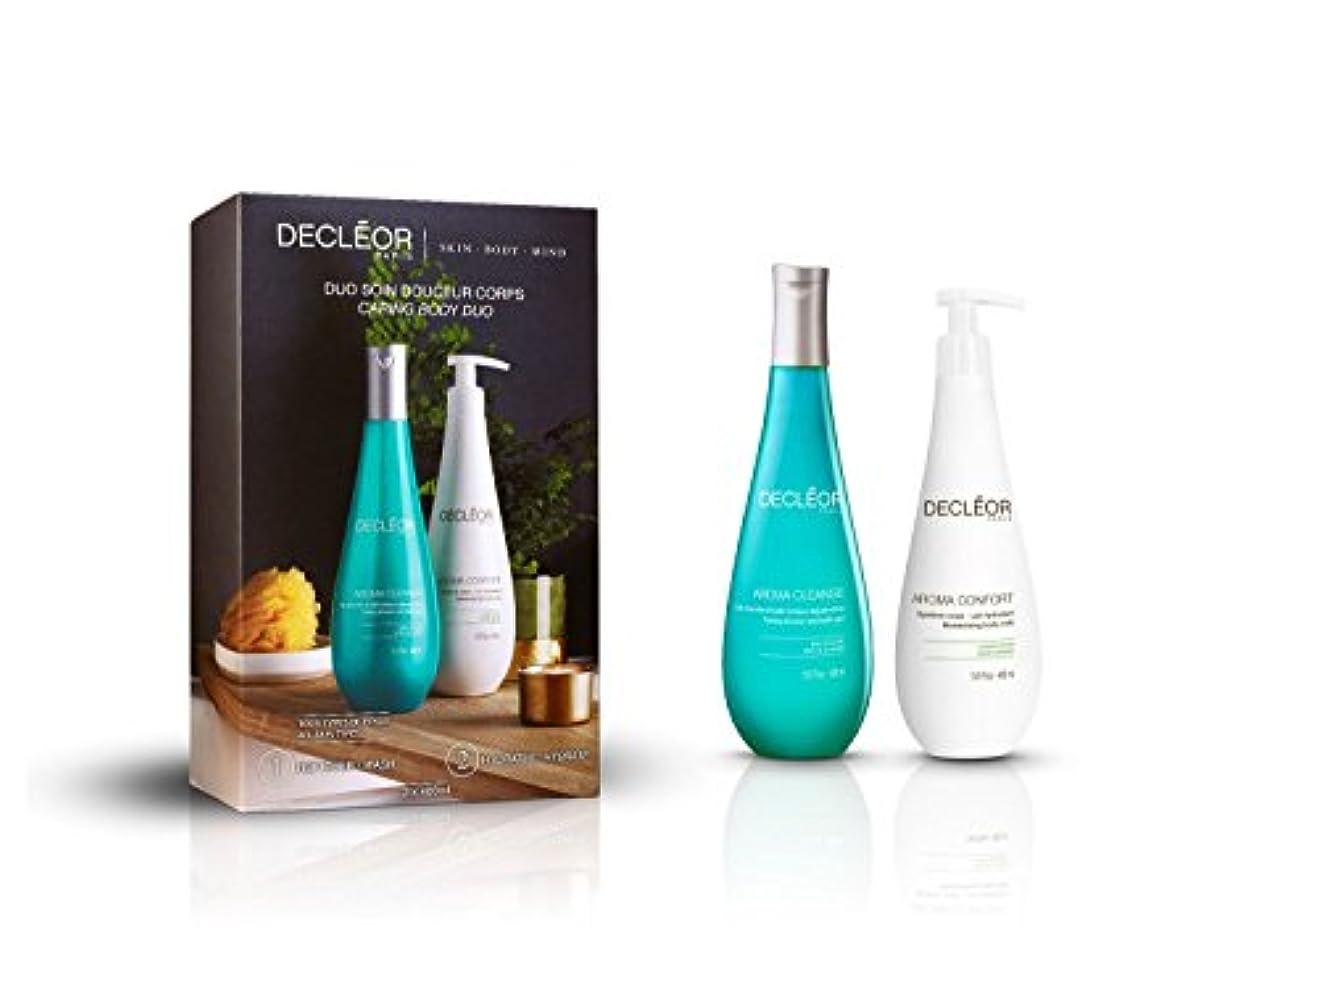 まばたき溶岩桁デクレオール Caring Body Duo : Aroma Cleanse Toning Shower & Bath Gel 400ml + Aroma Confort Moisturising Body Milk 400m...